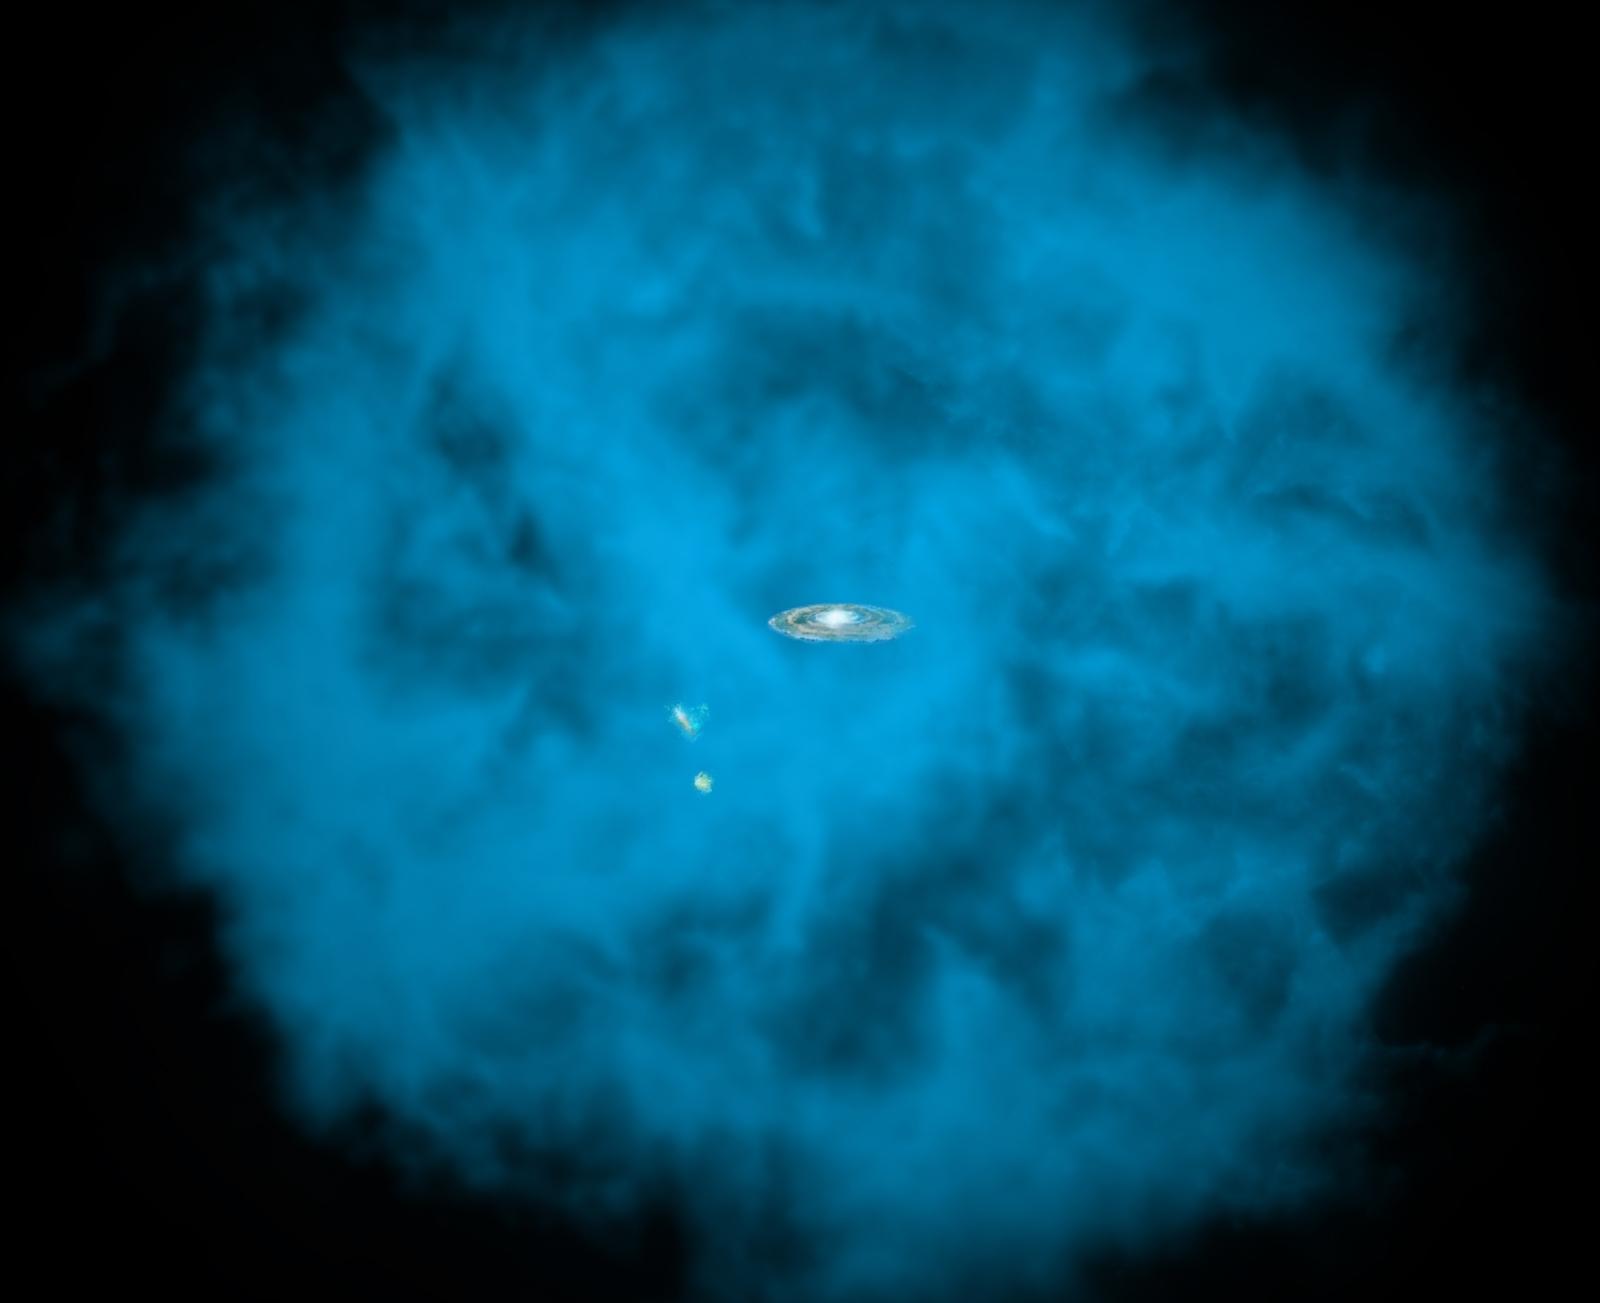 Nasa spooky space sounds